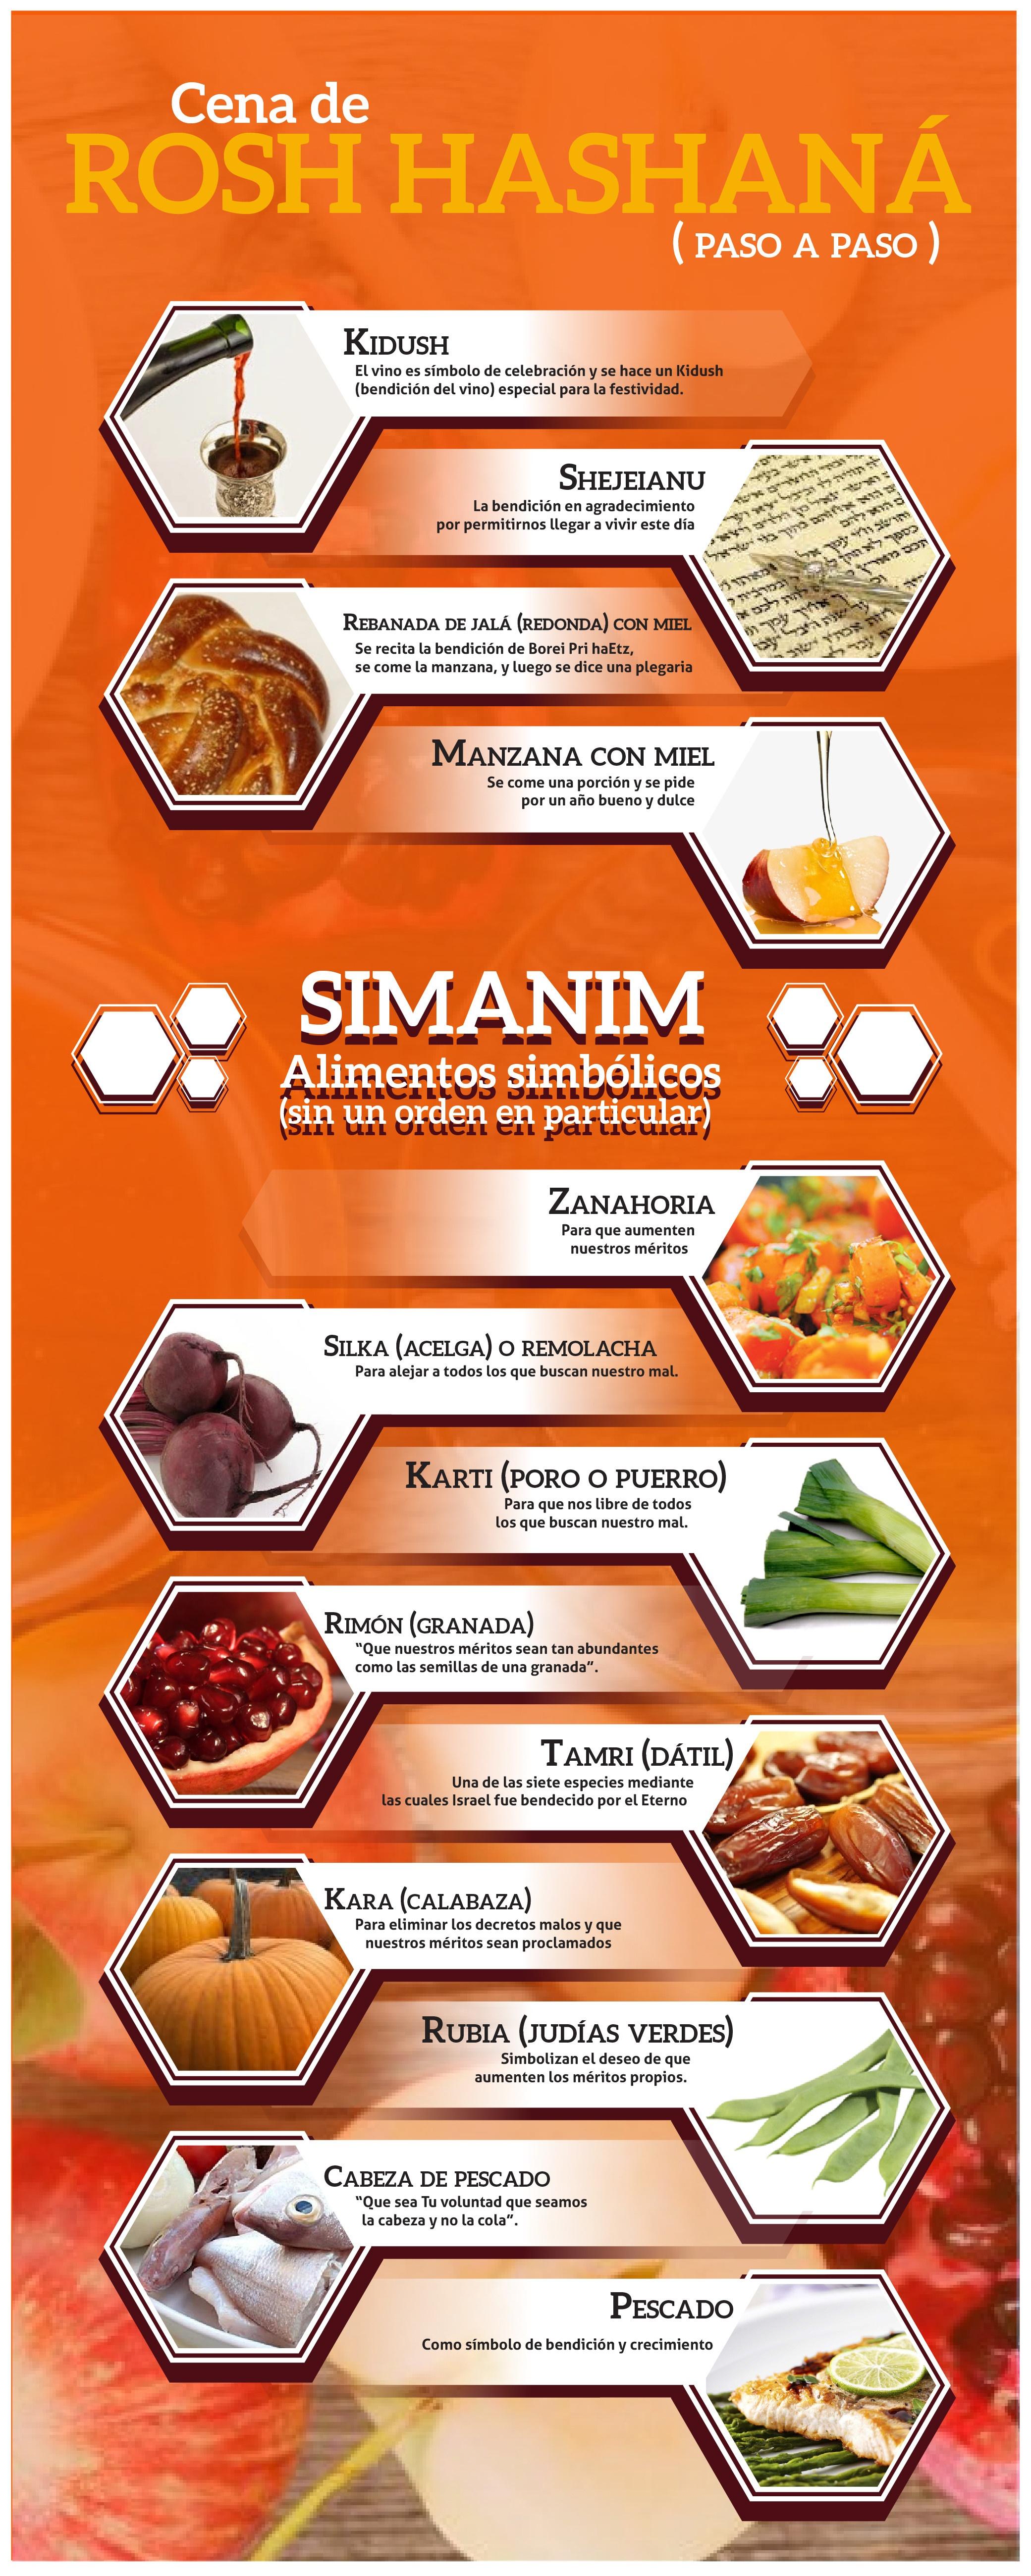 infografia cena de rosh hashana